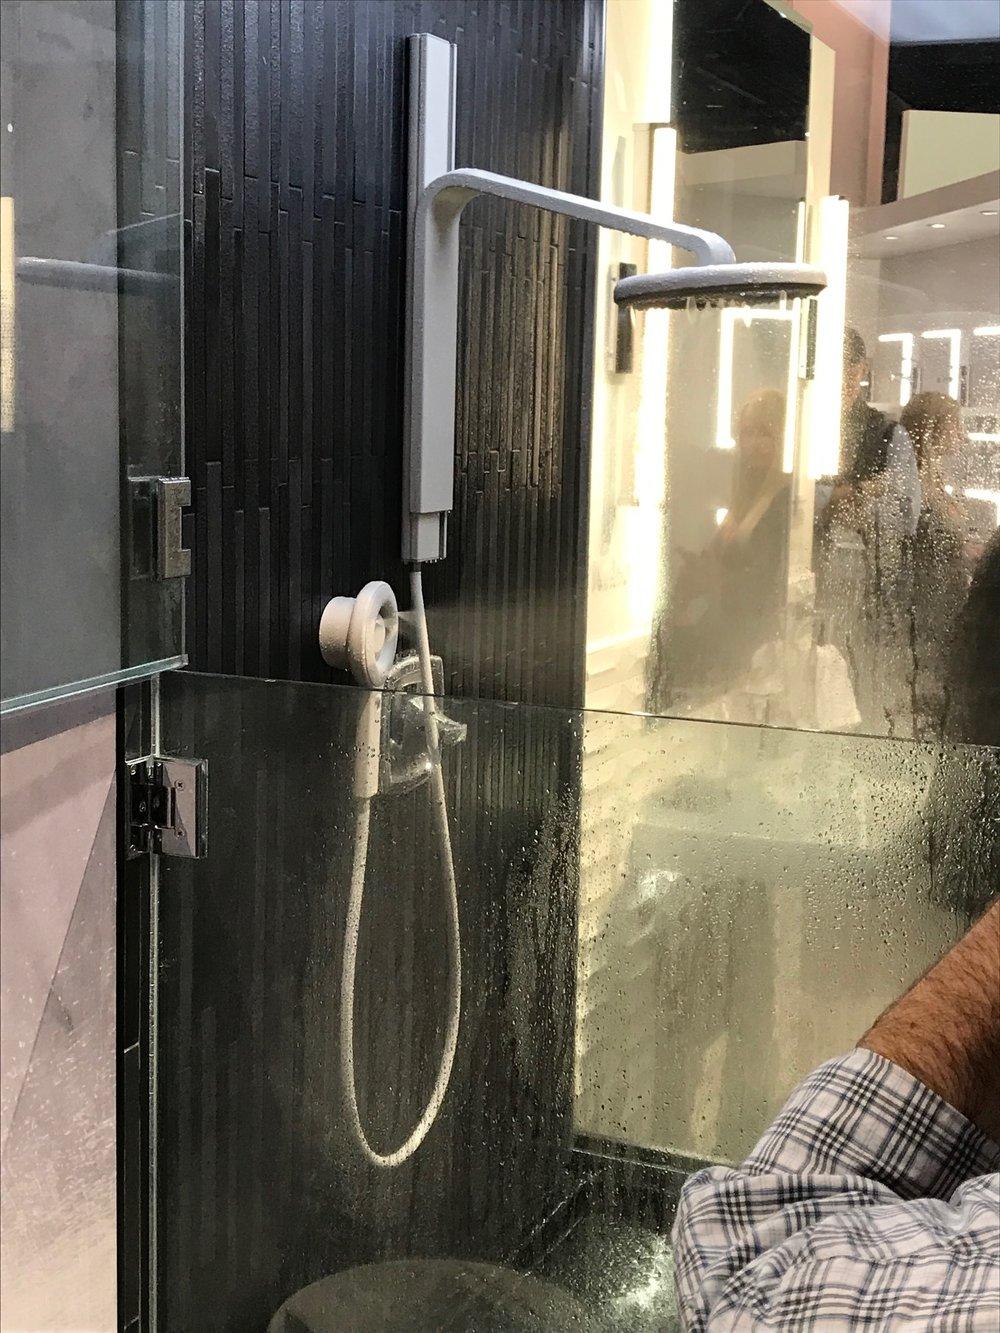 2019-02 Moen New Shower - Avail Q4 2019 (3).jpg